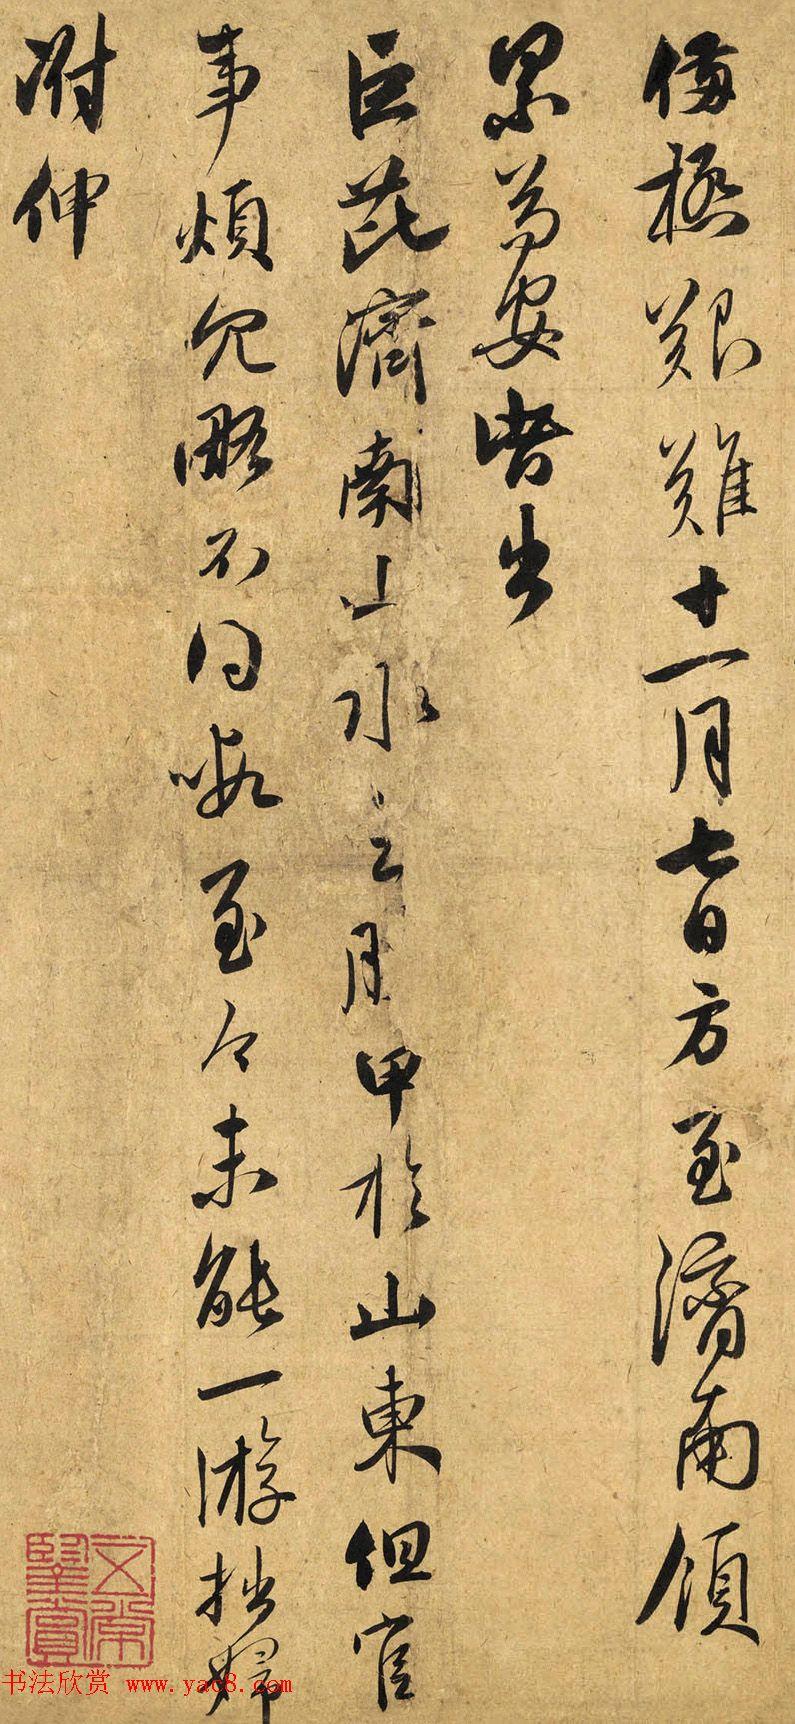 赵孟頫39岁书法墨迹《致宗元总管札》